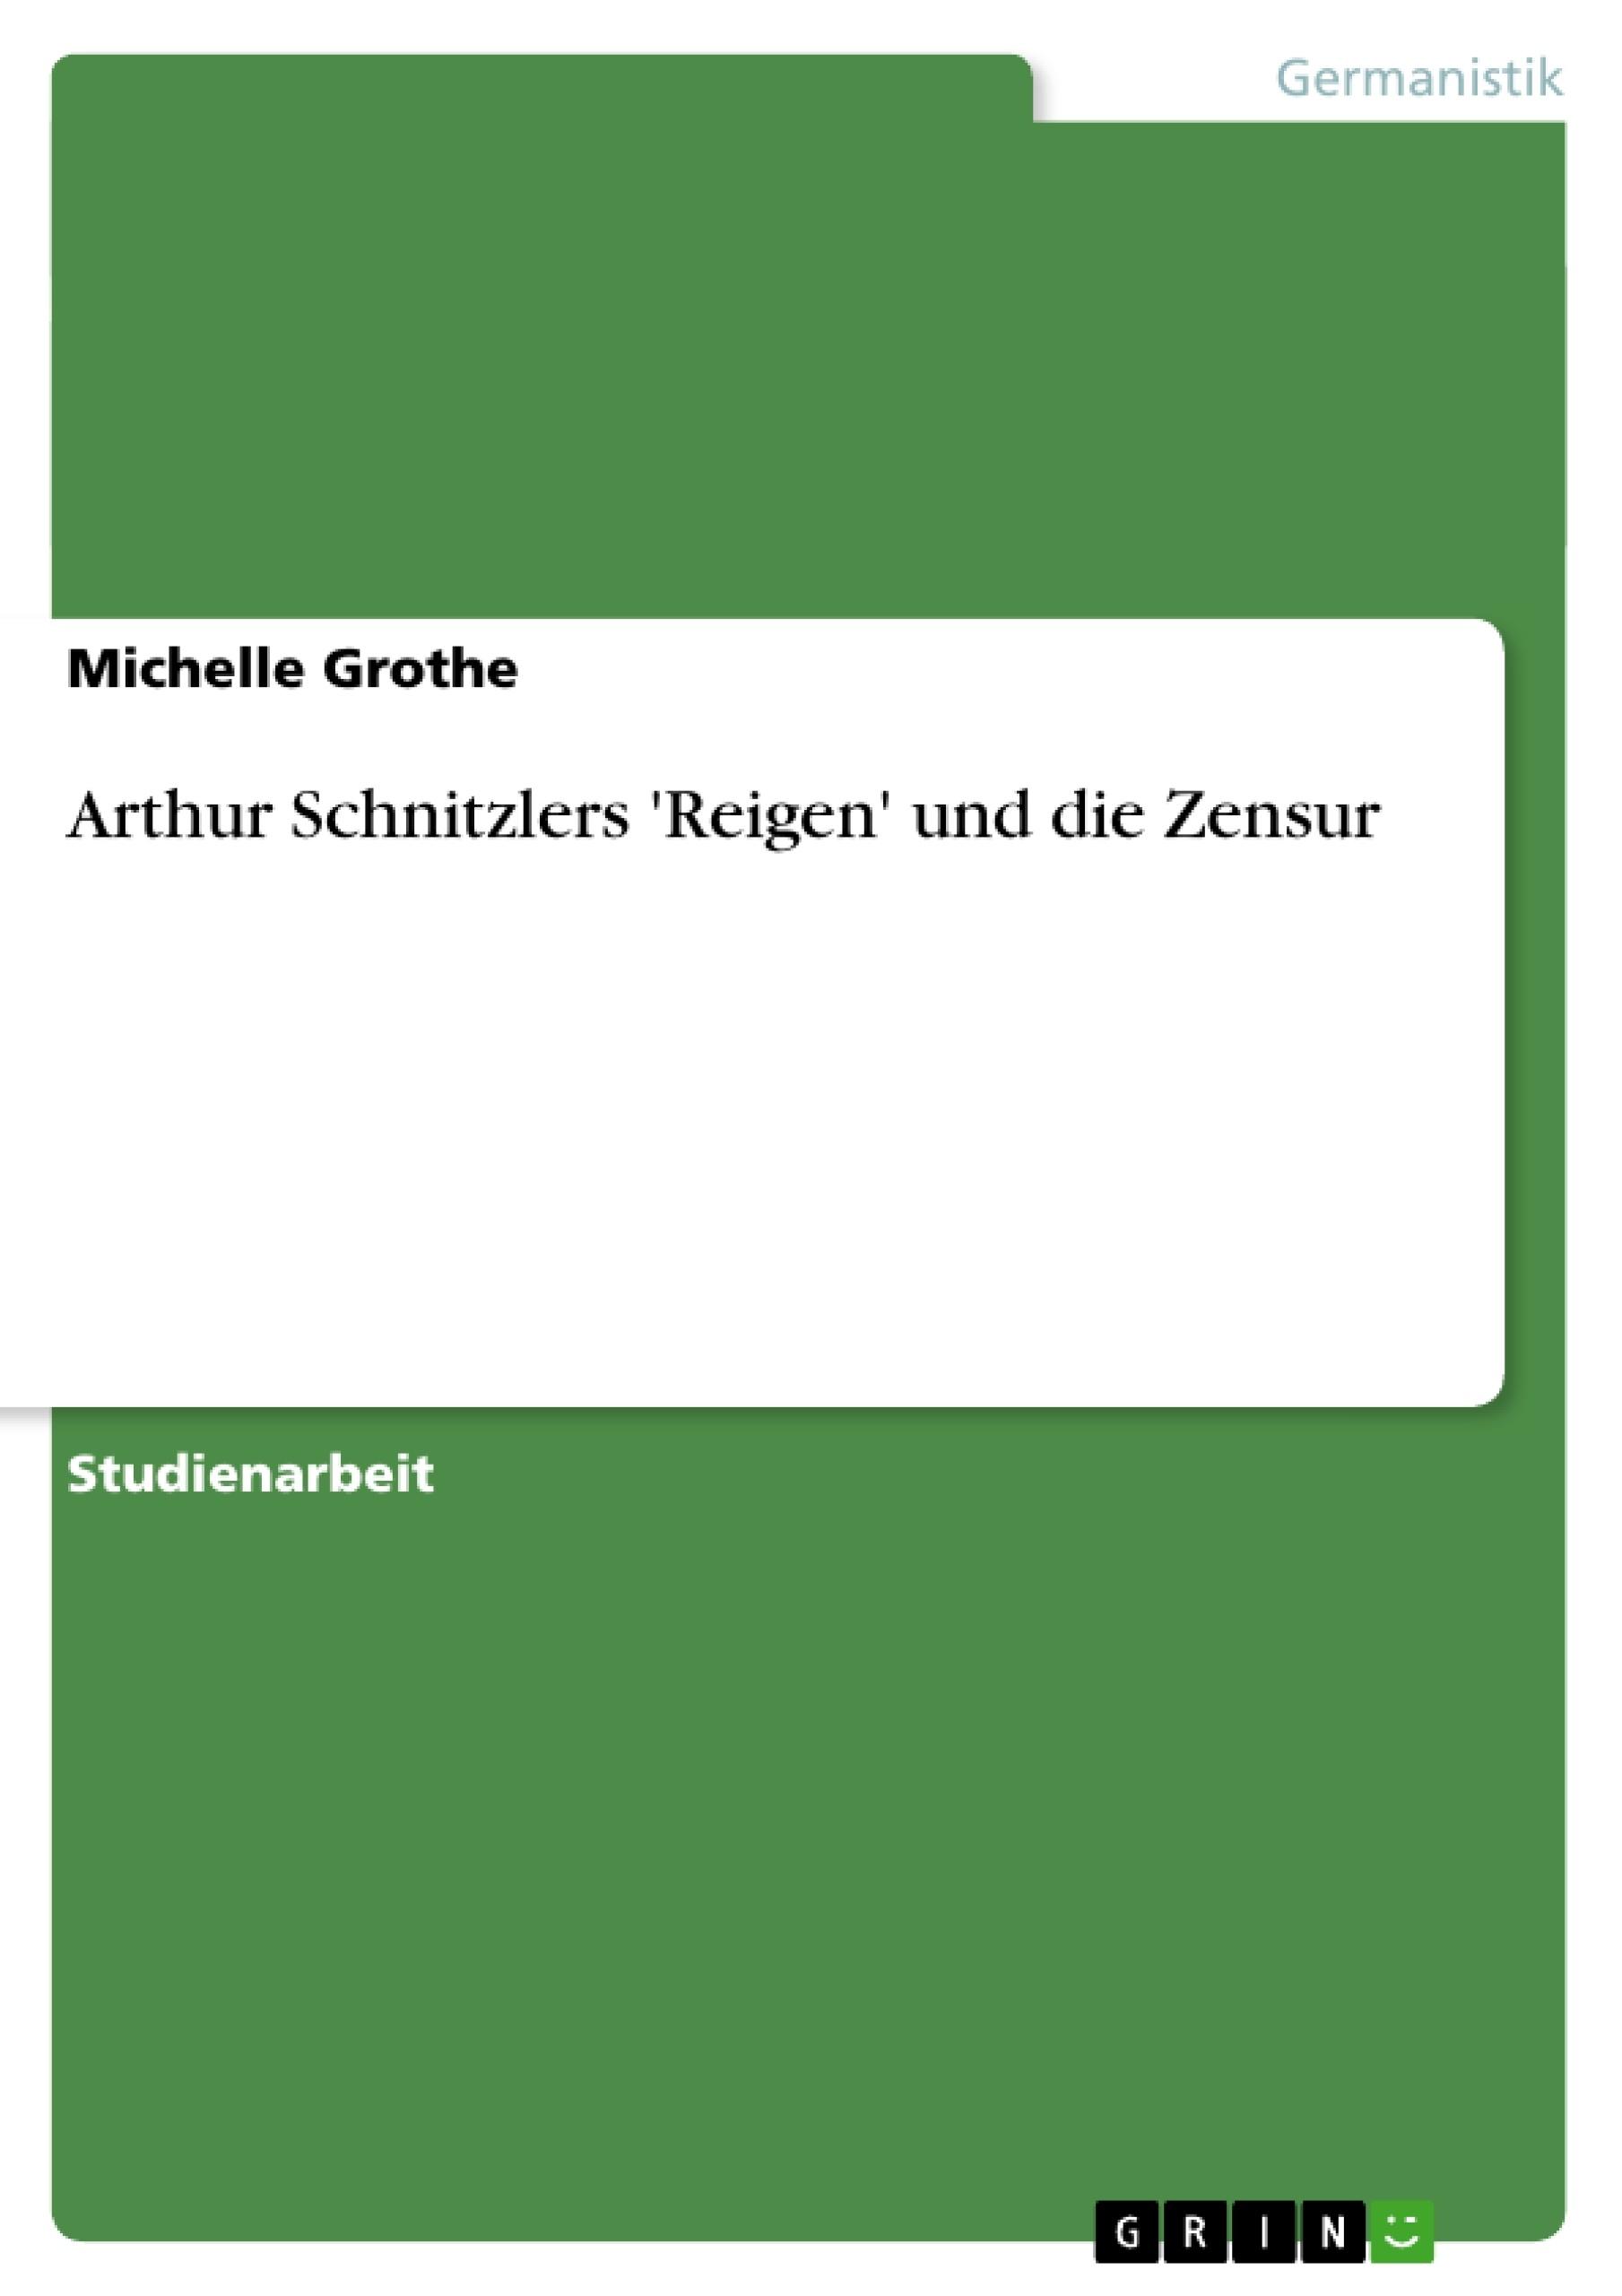 Titel: Arthur Schnitzlers 'Reigen' und die Zensur